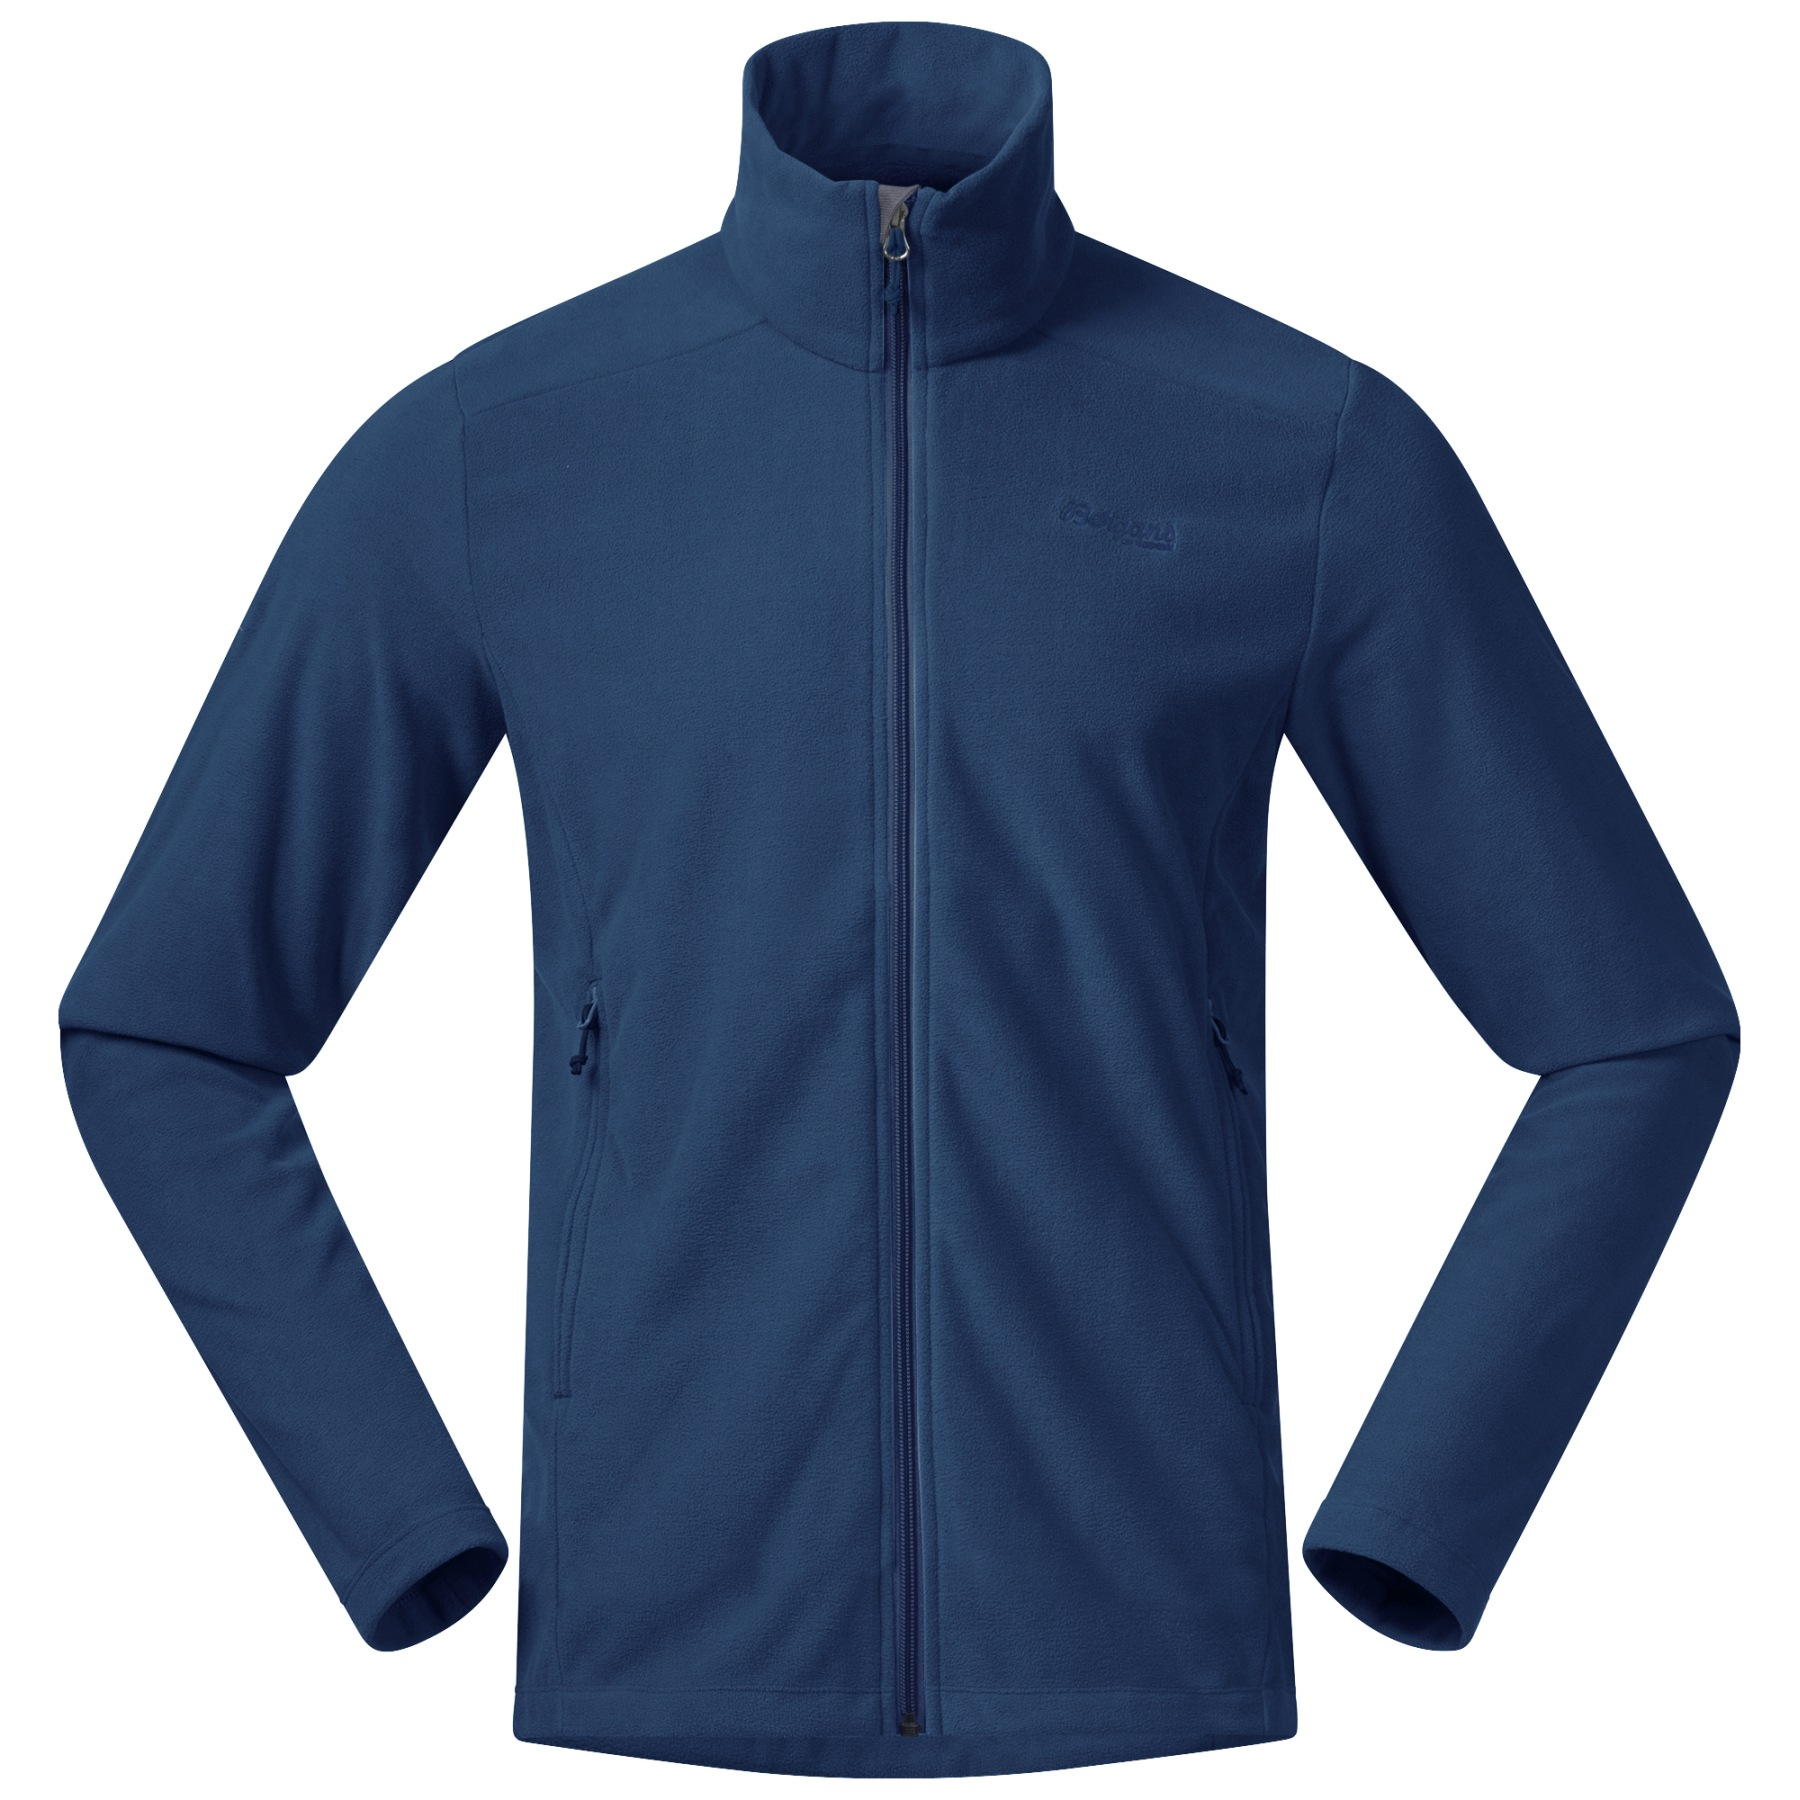 Produktbild von Bergans Finnsnes Fleece Jacke - dark riviera blue